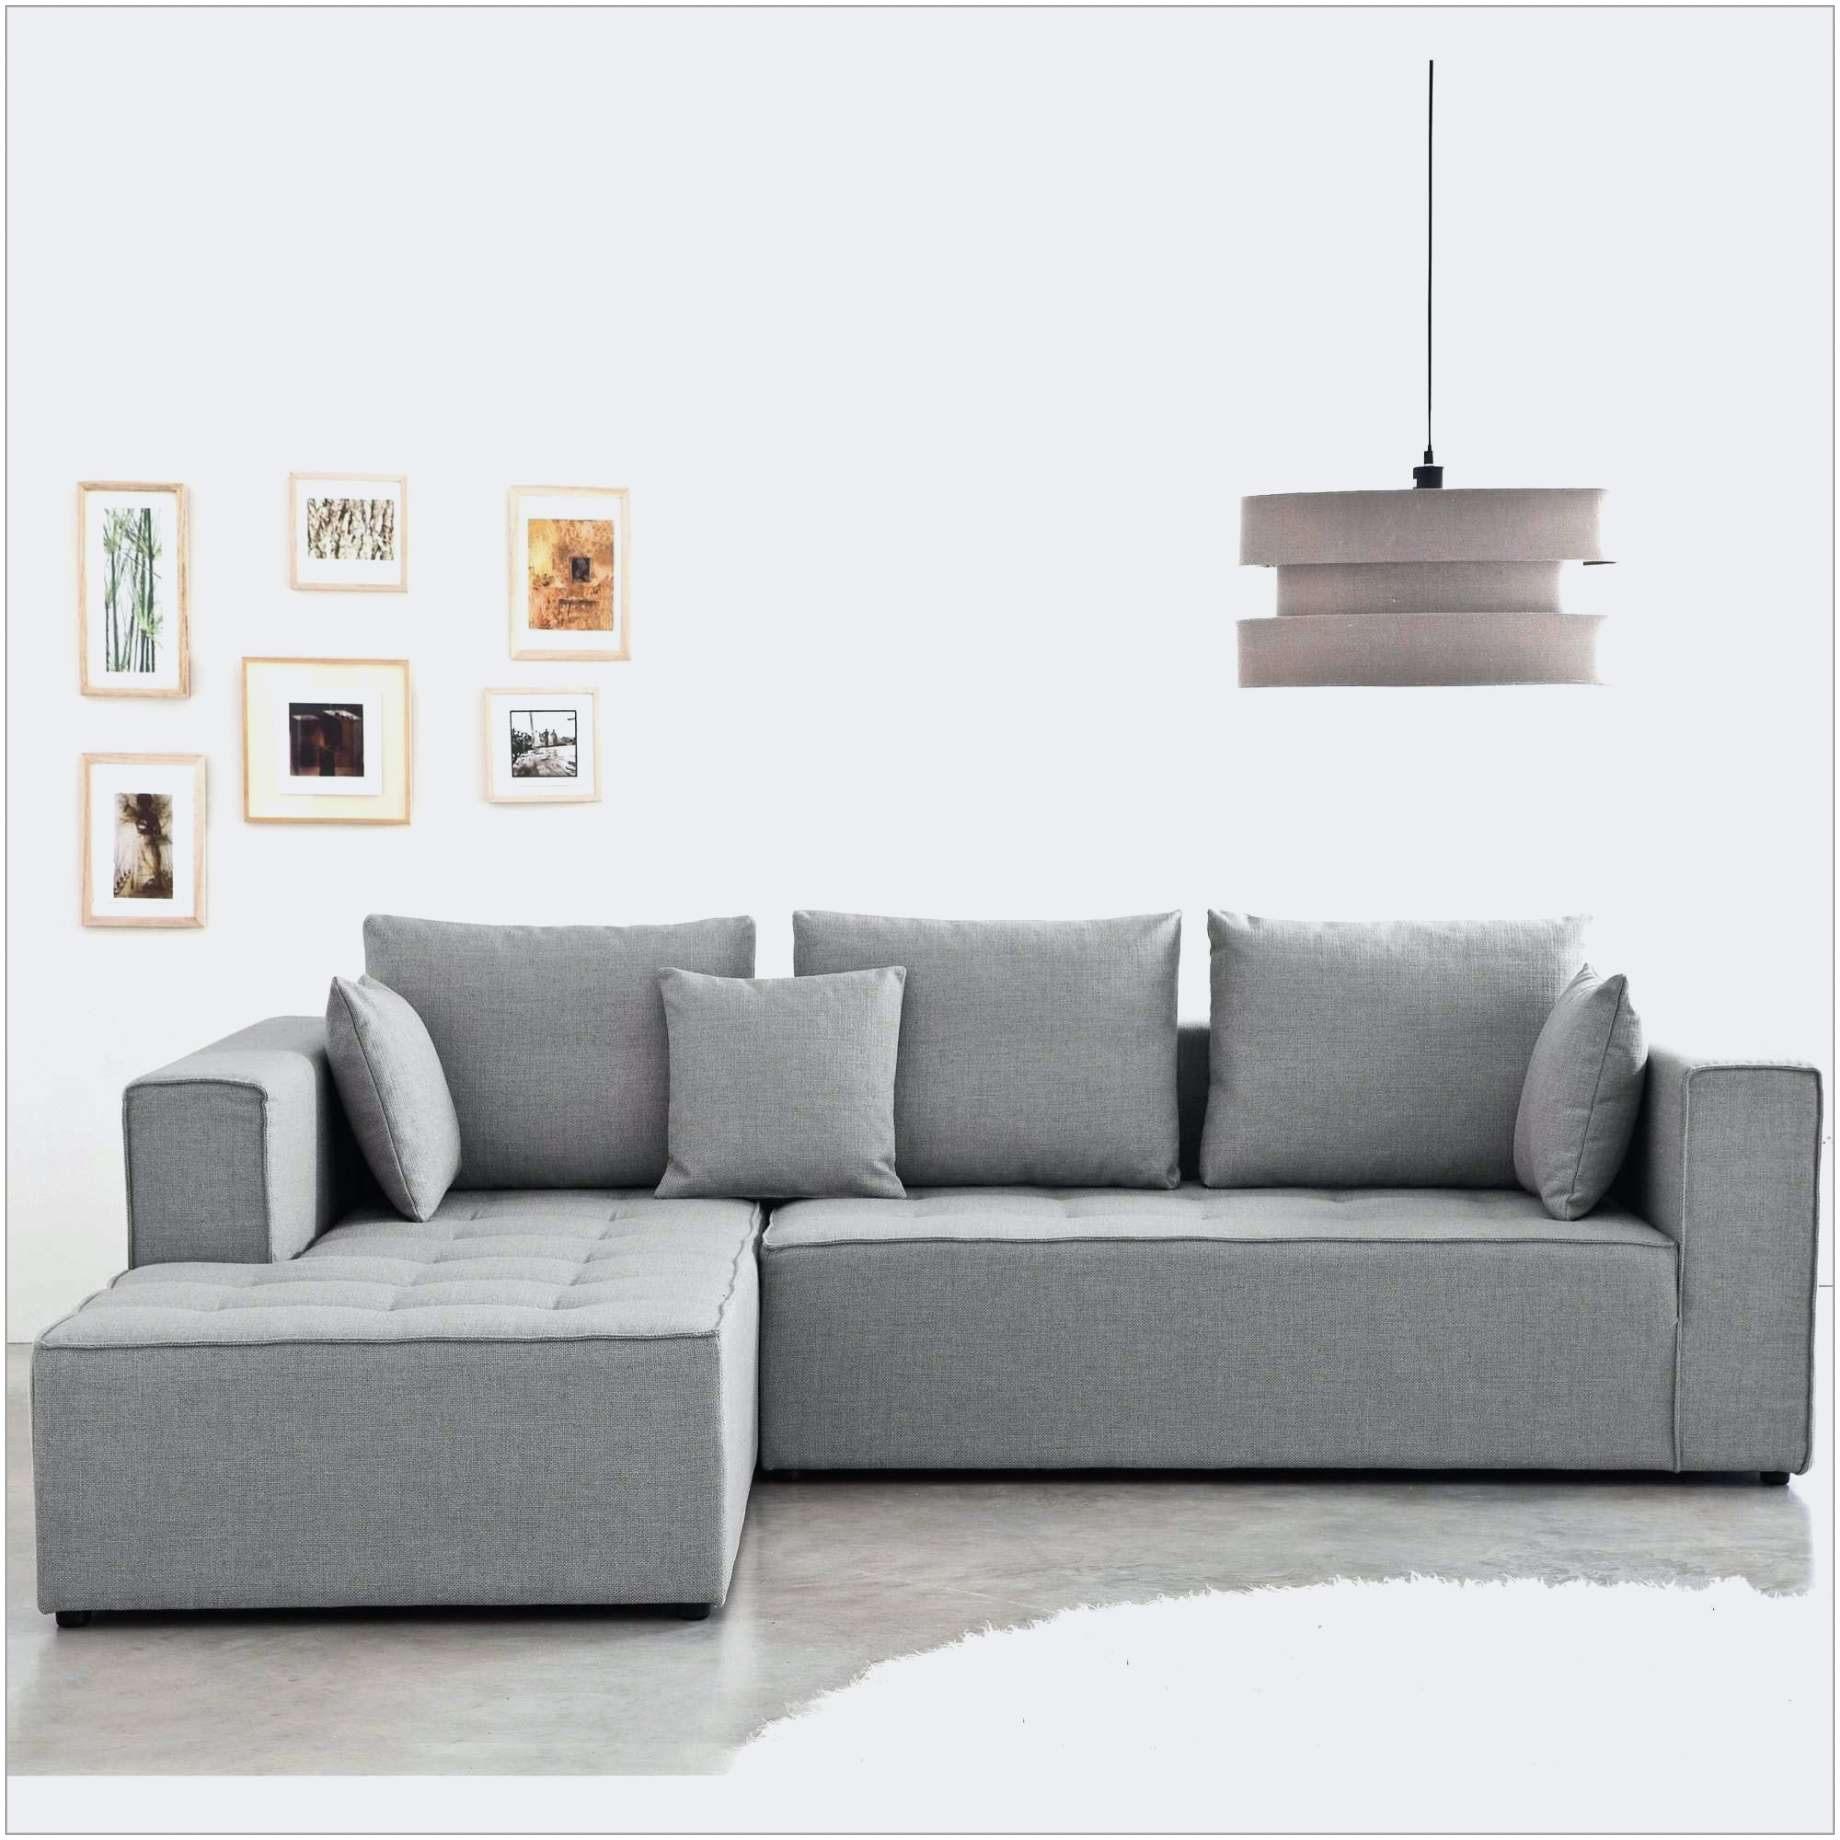 Ikea Canapé Lit Convertible Douce Frais Canapé Sur Pied — Puredebrideur Pour Meilleur Canapé Lit